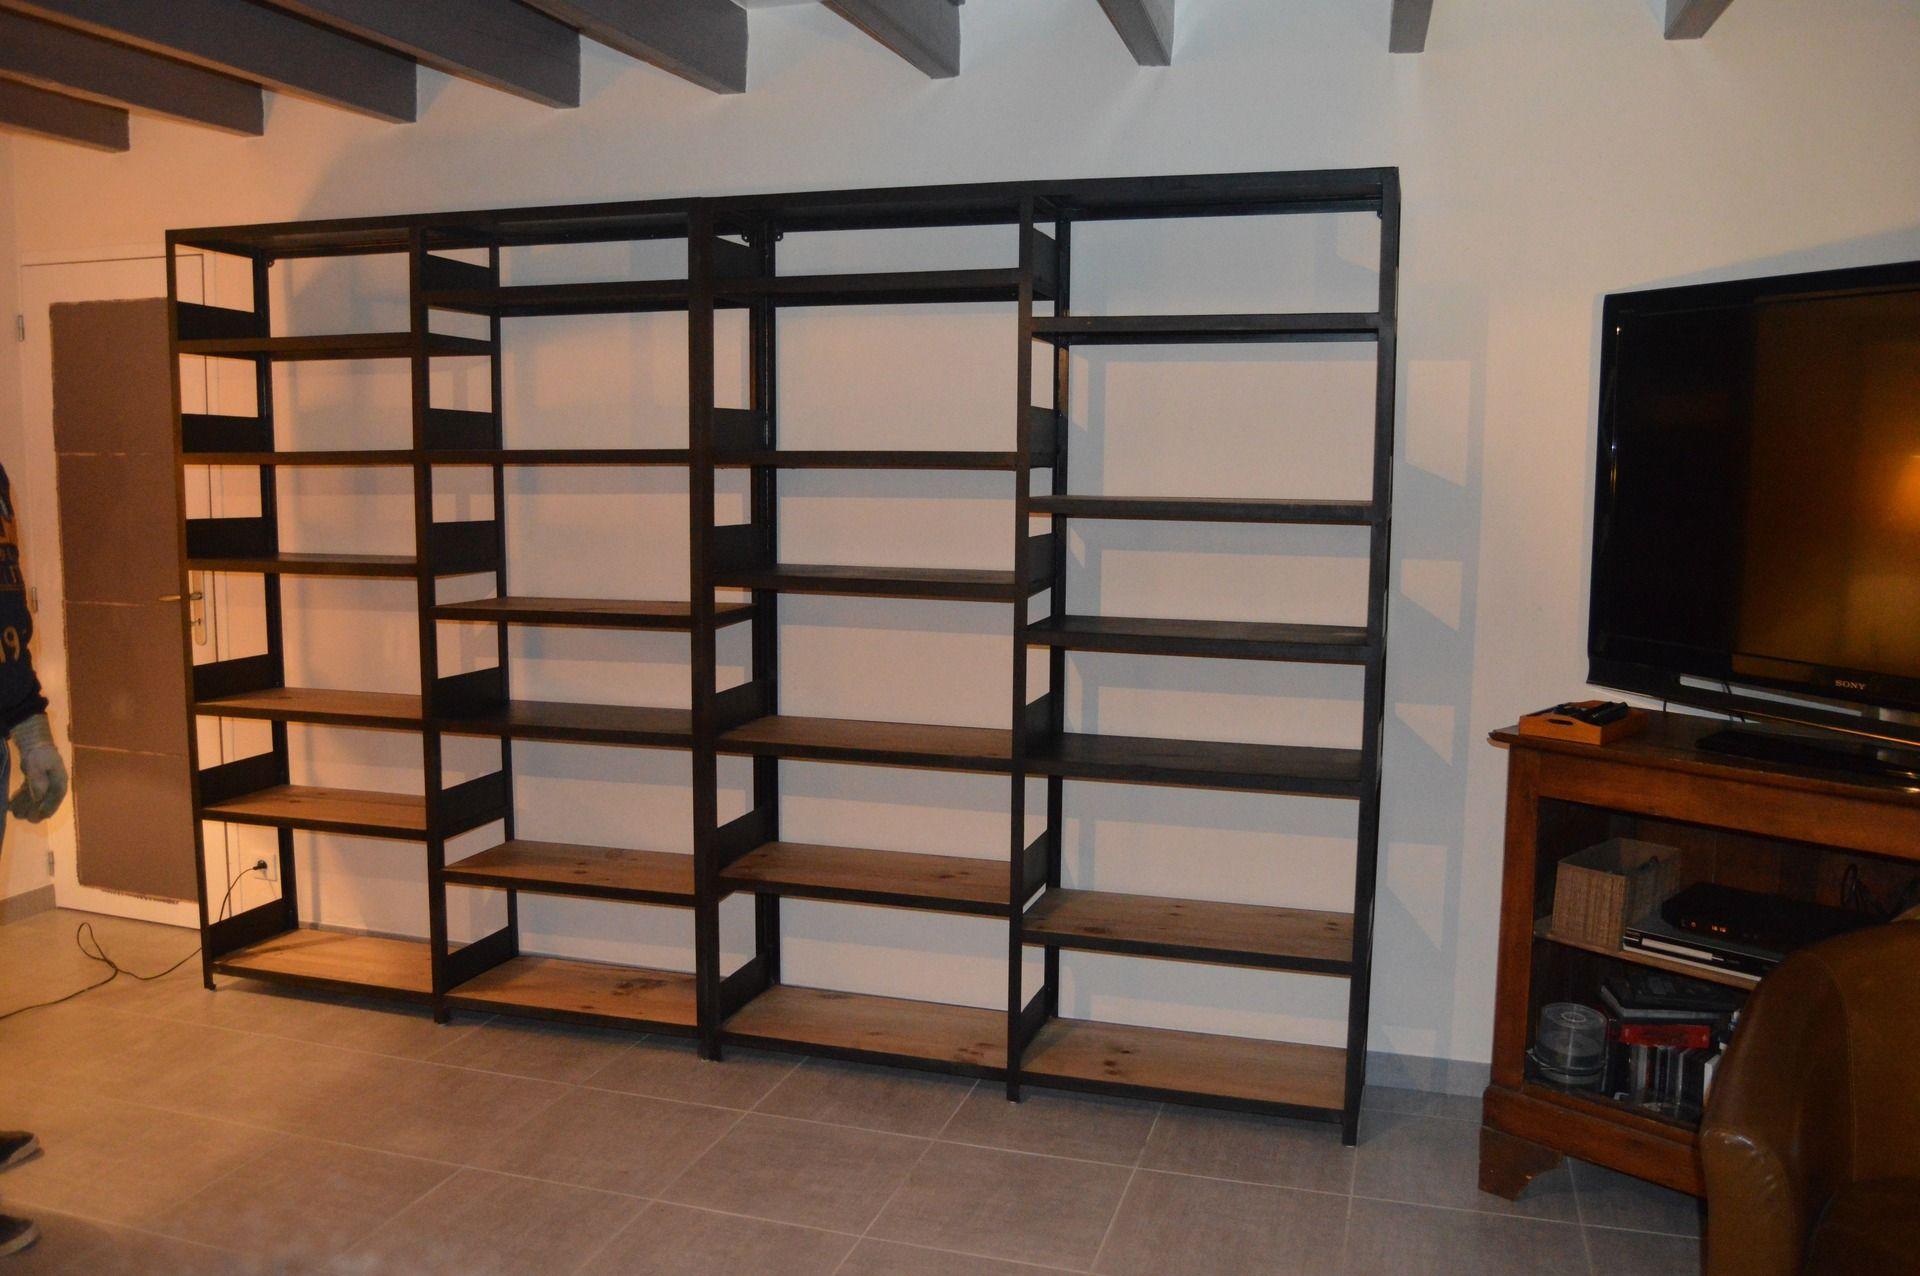 Meuble Industriel Biblioth Que Acier Et Bois Bibliotheque  # Bibliotheque Meuble